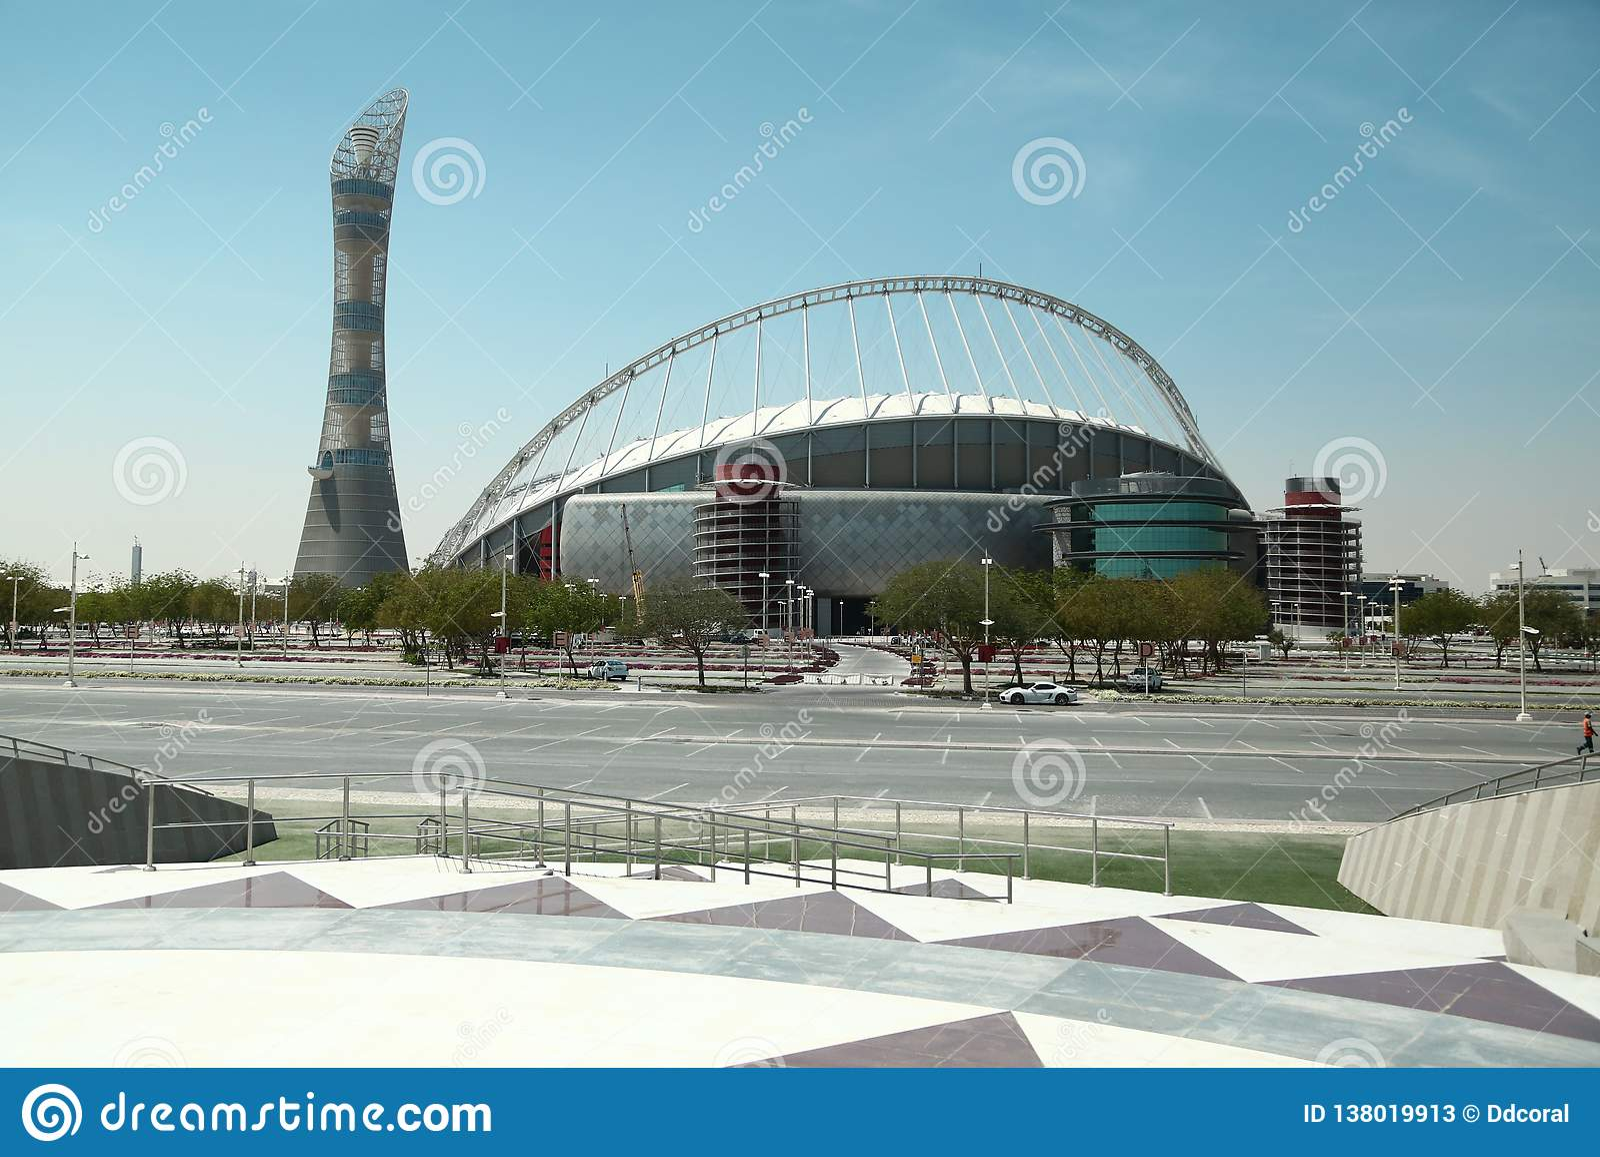 Torch tower and Khalifa international stadium in Aspire Zone, Doha, Qatar